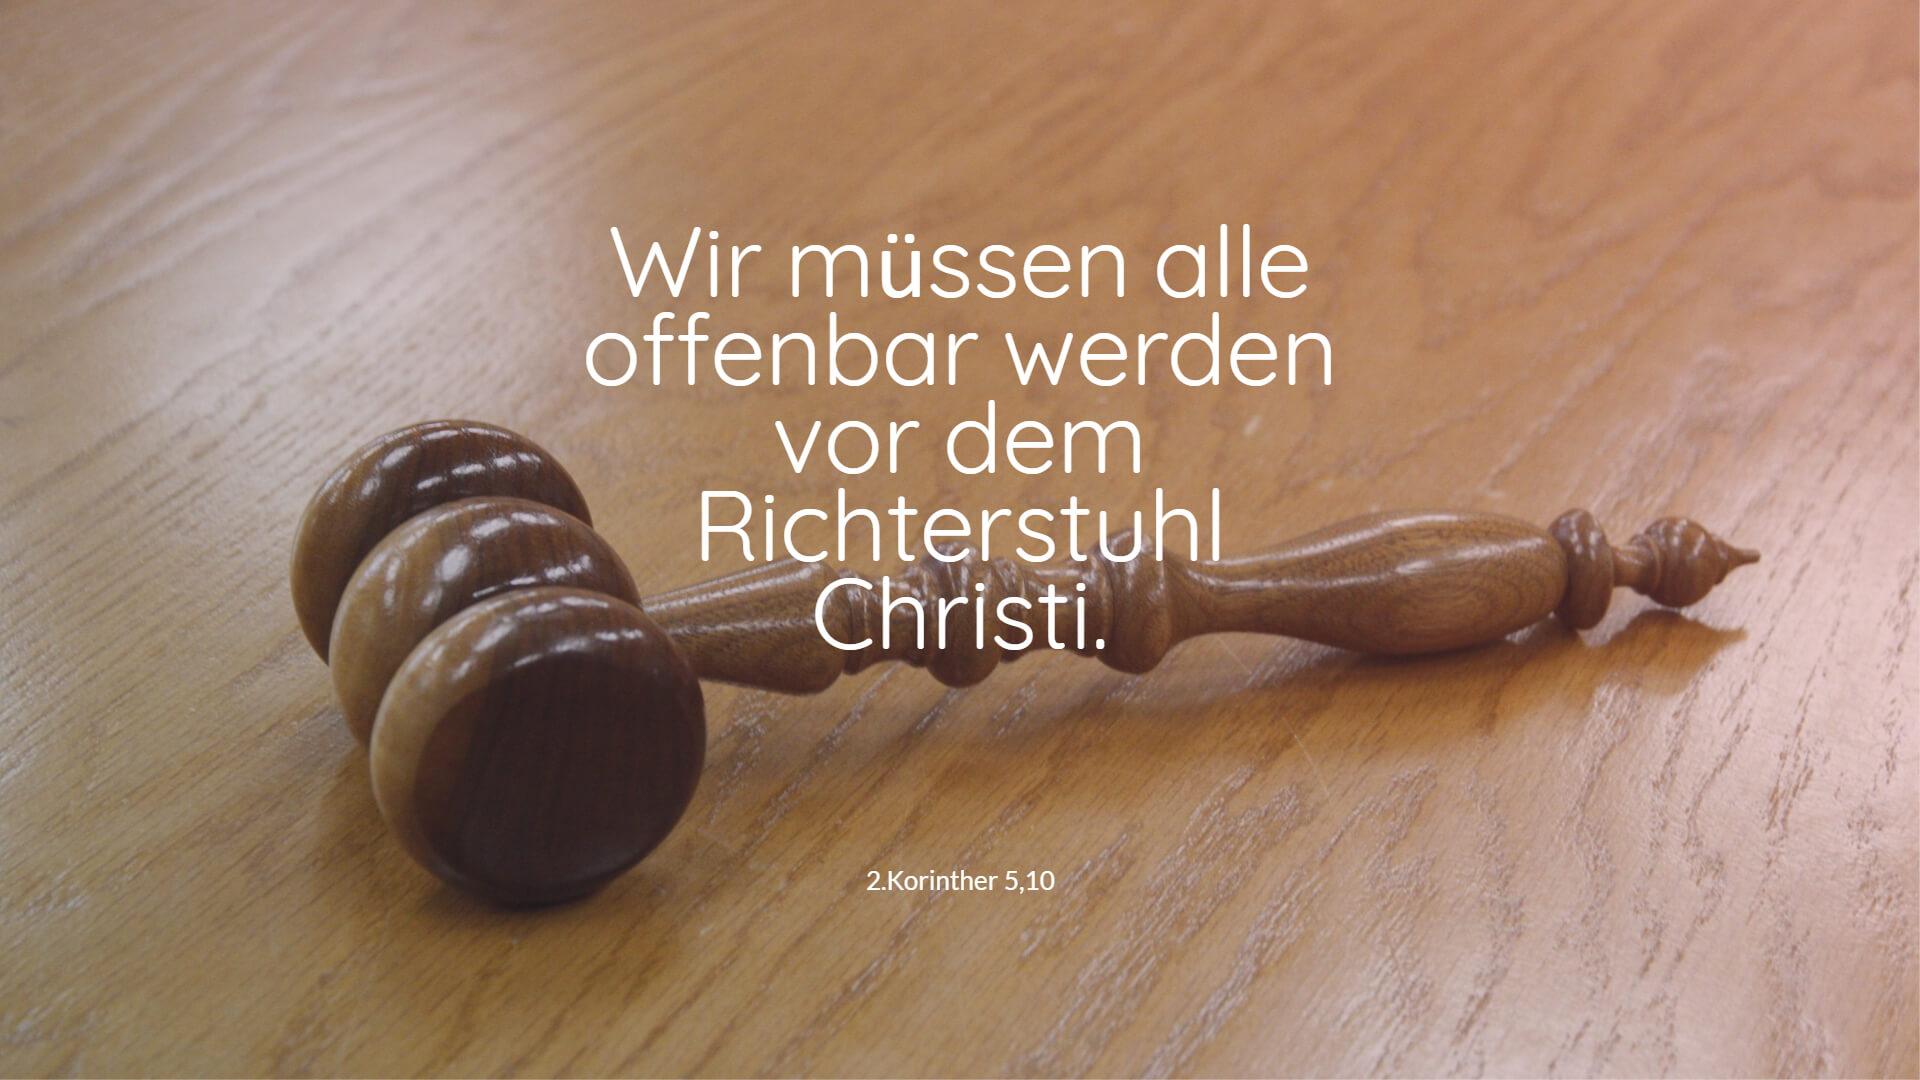 Wir müssen alle offenbar werden vor dem Richterstuhl Christi. - 2.Korinther 5,10